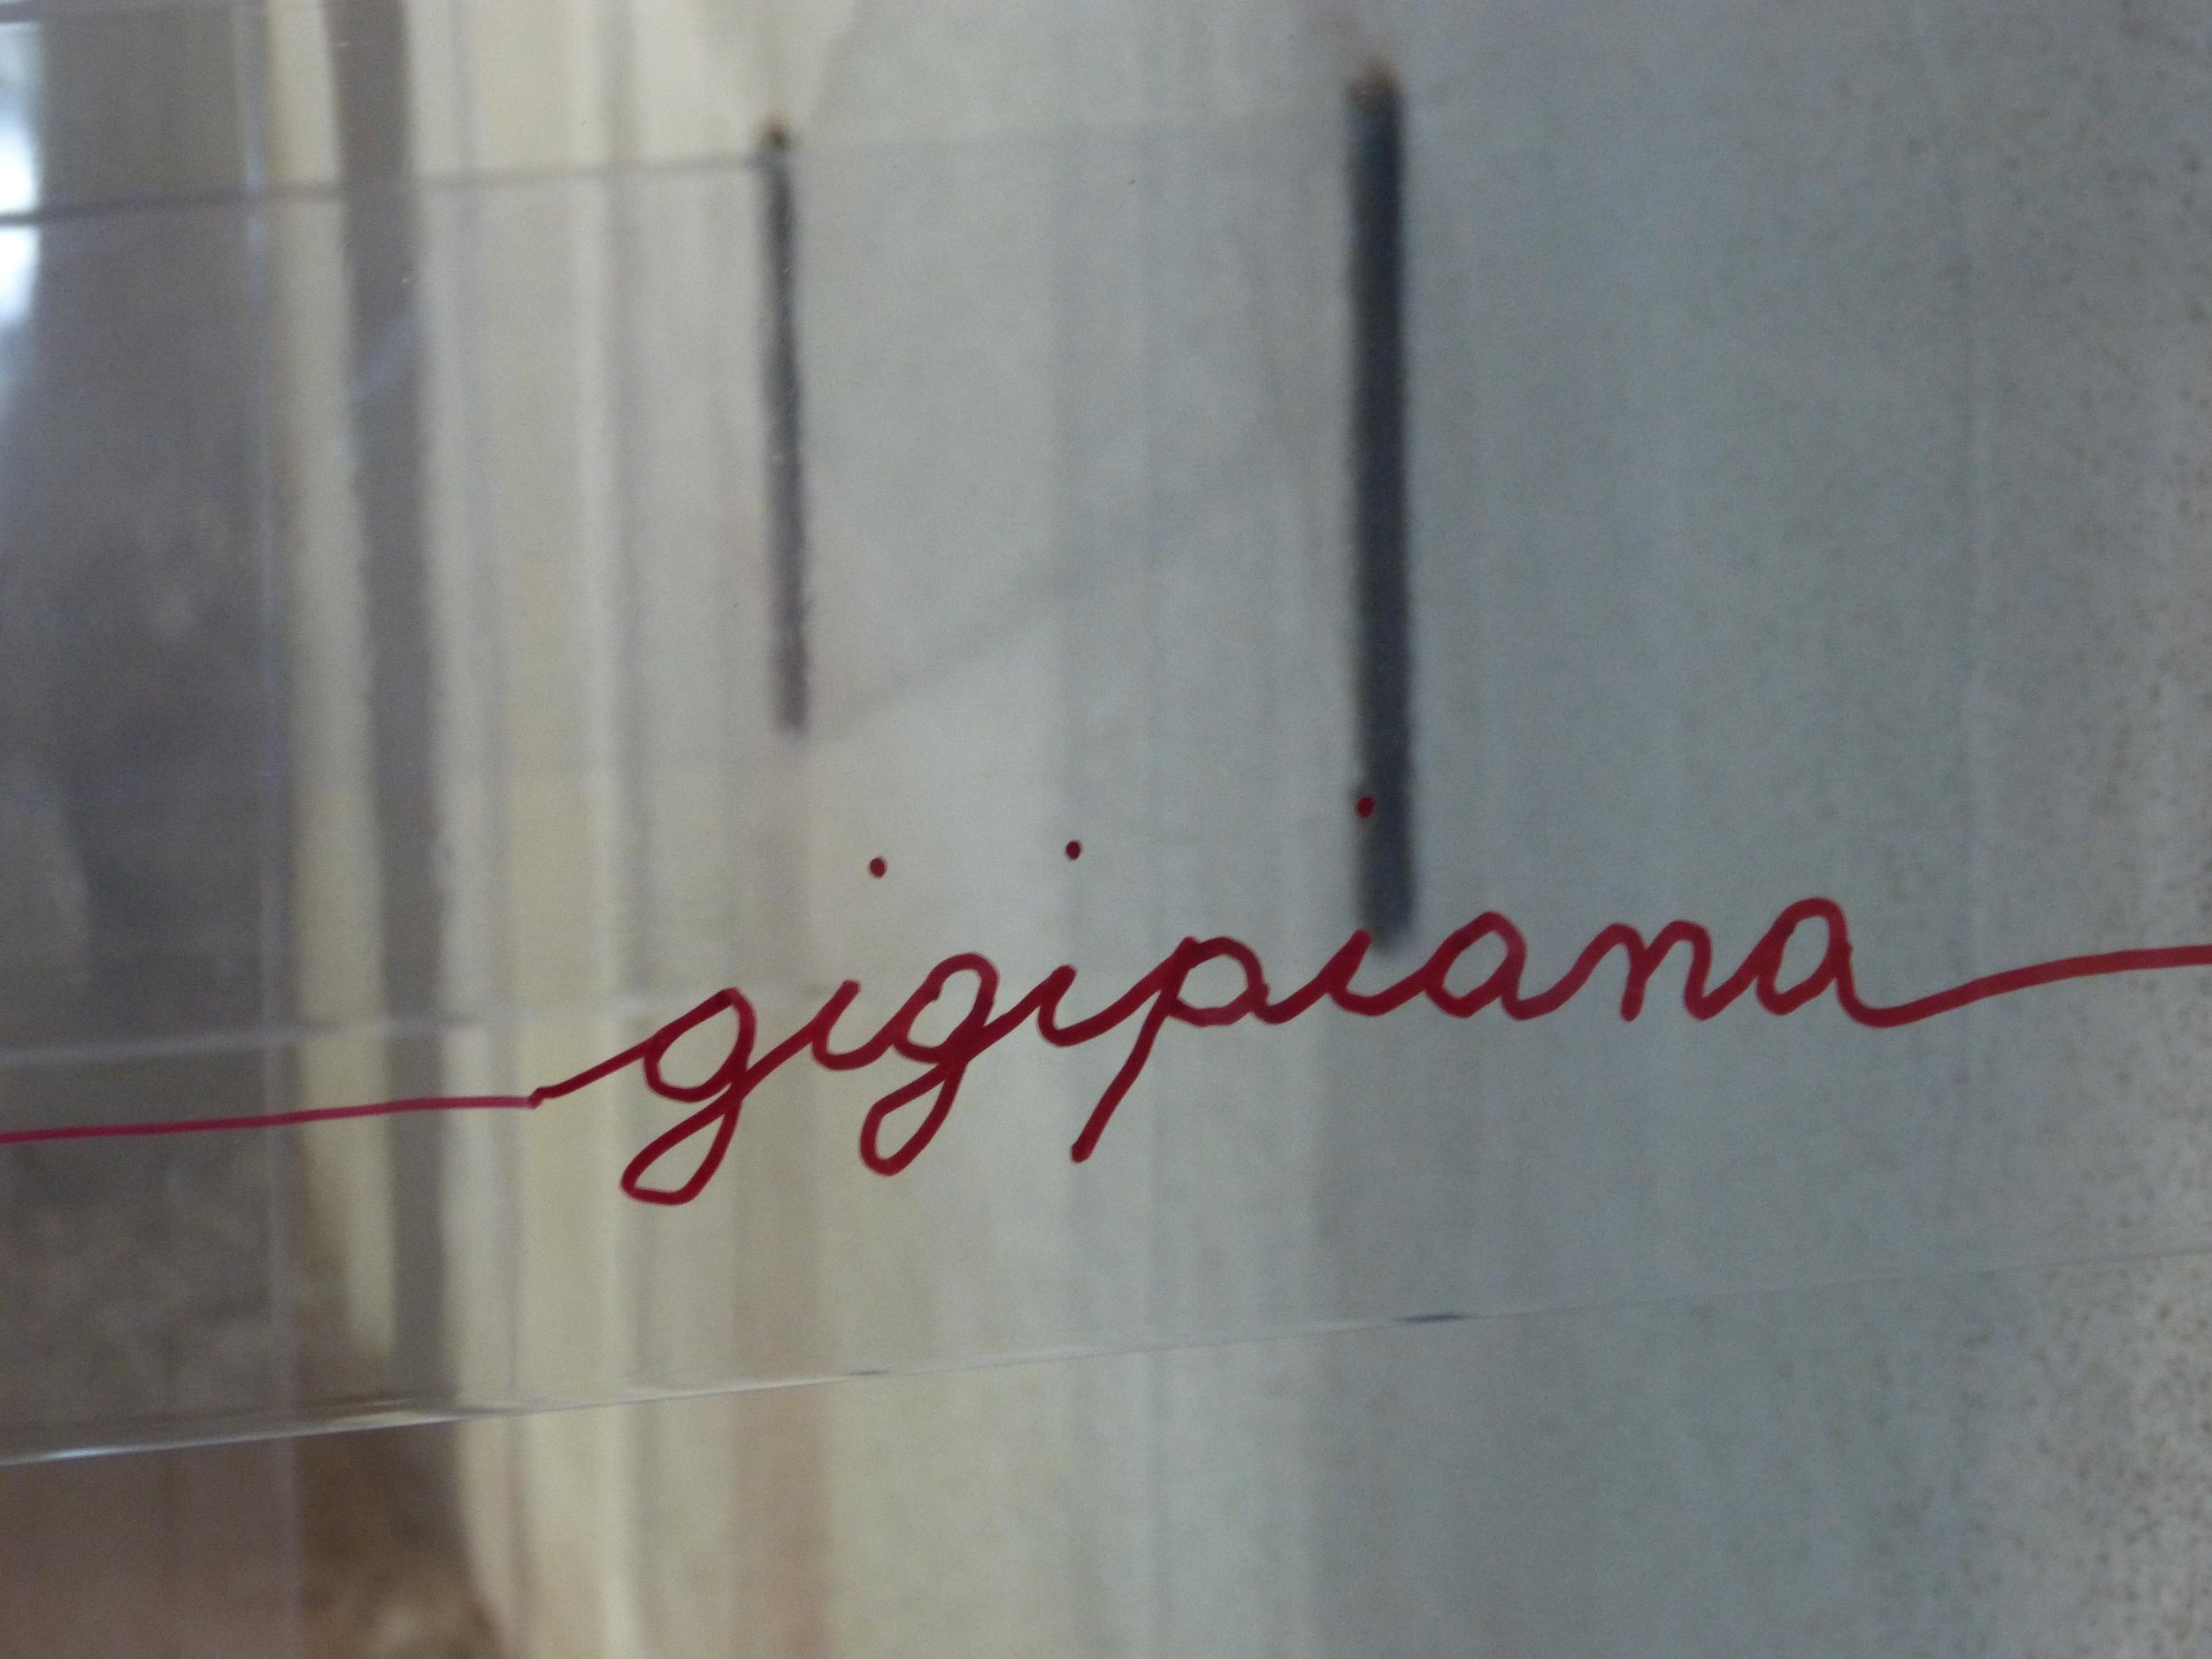 Piana G. - La differenza è impercettibile ma sostanziale (5).JPG